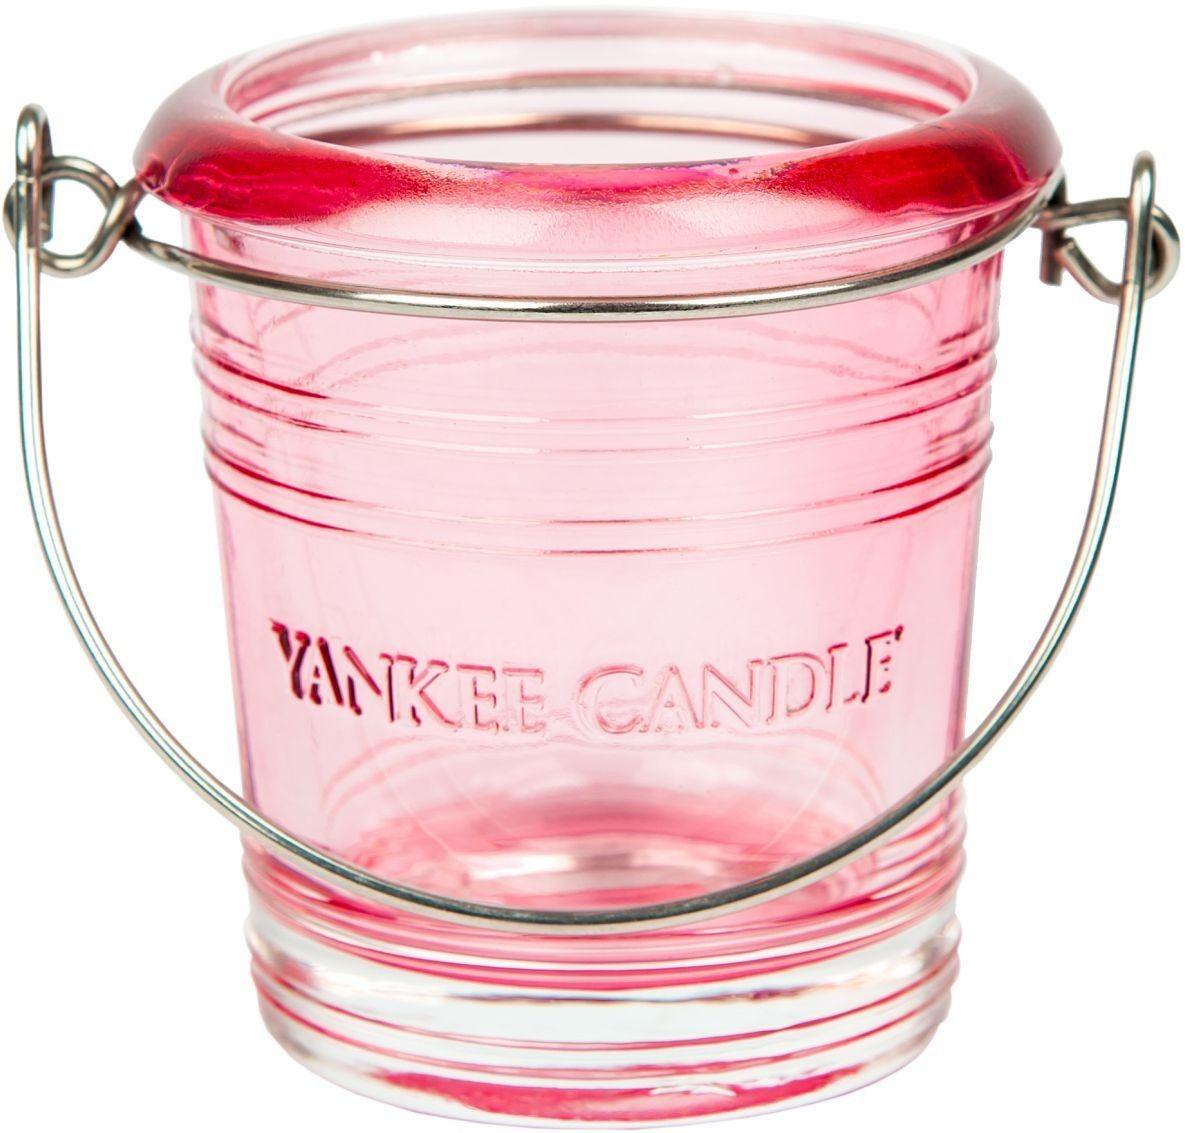 Yc bucket votive holder ruby accessoires optiwohnwelt